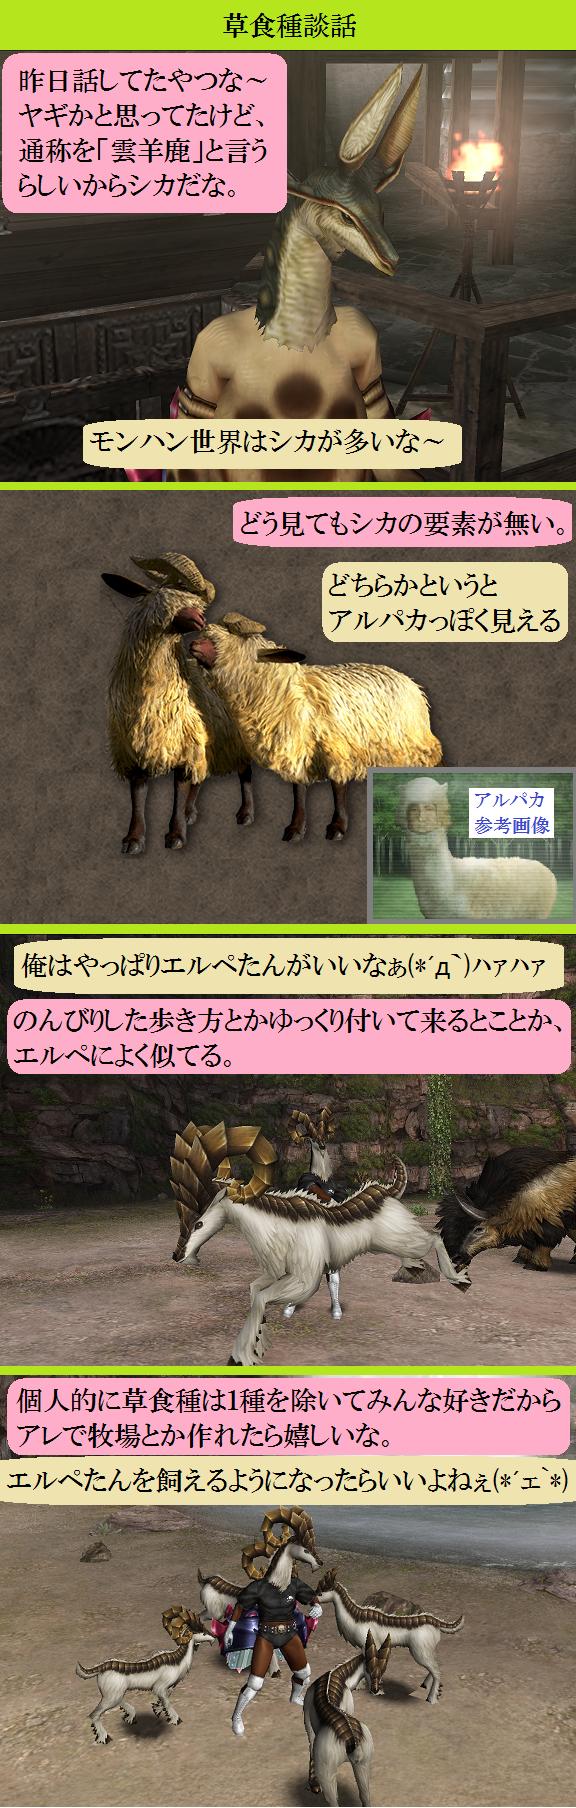 20151211 「草食種談話」